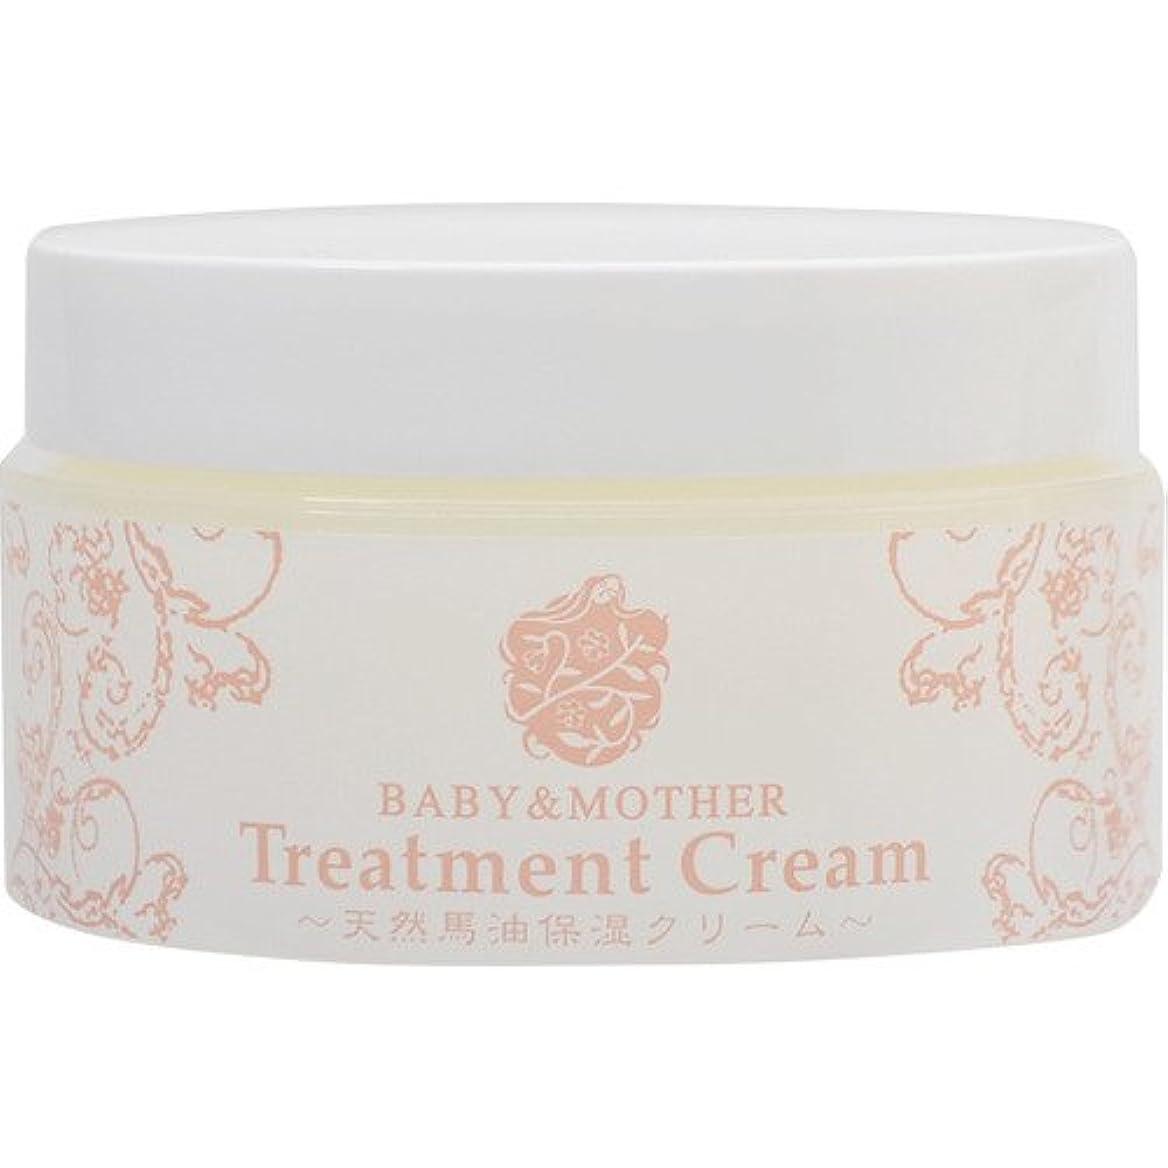 ナースロック速いBABY&MOTHER Treatment Cream 天然馬油保湿クリーム 80g